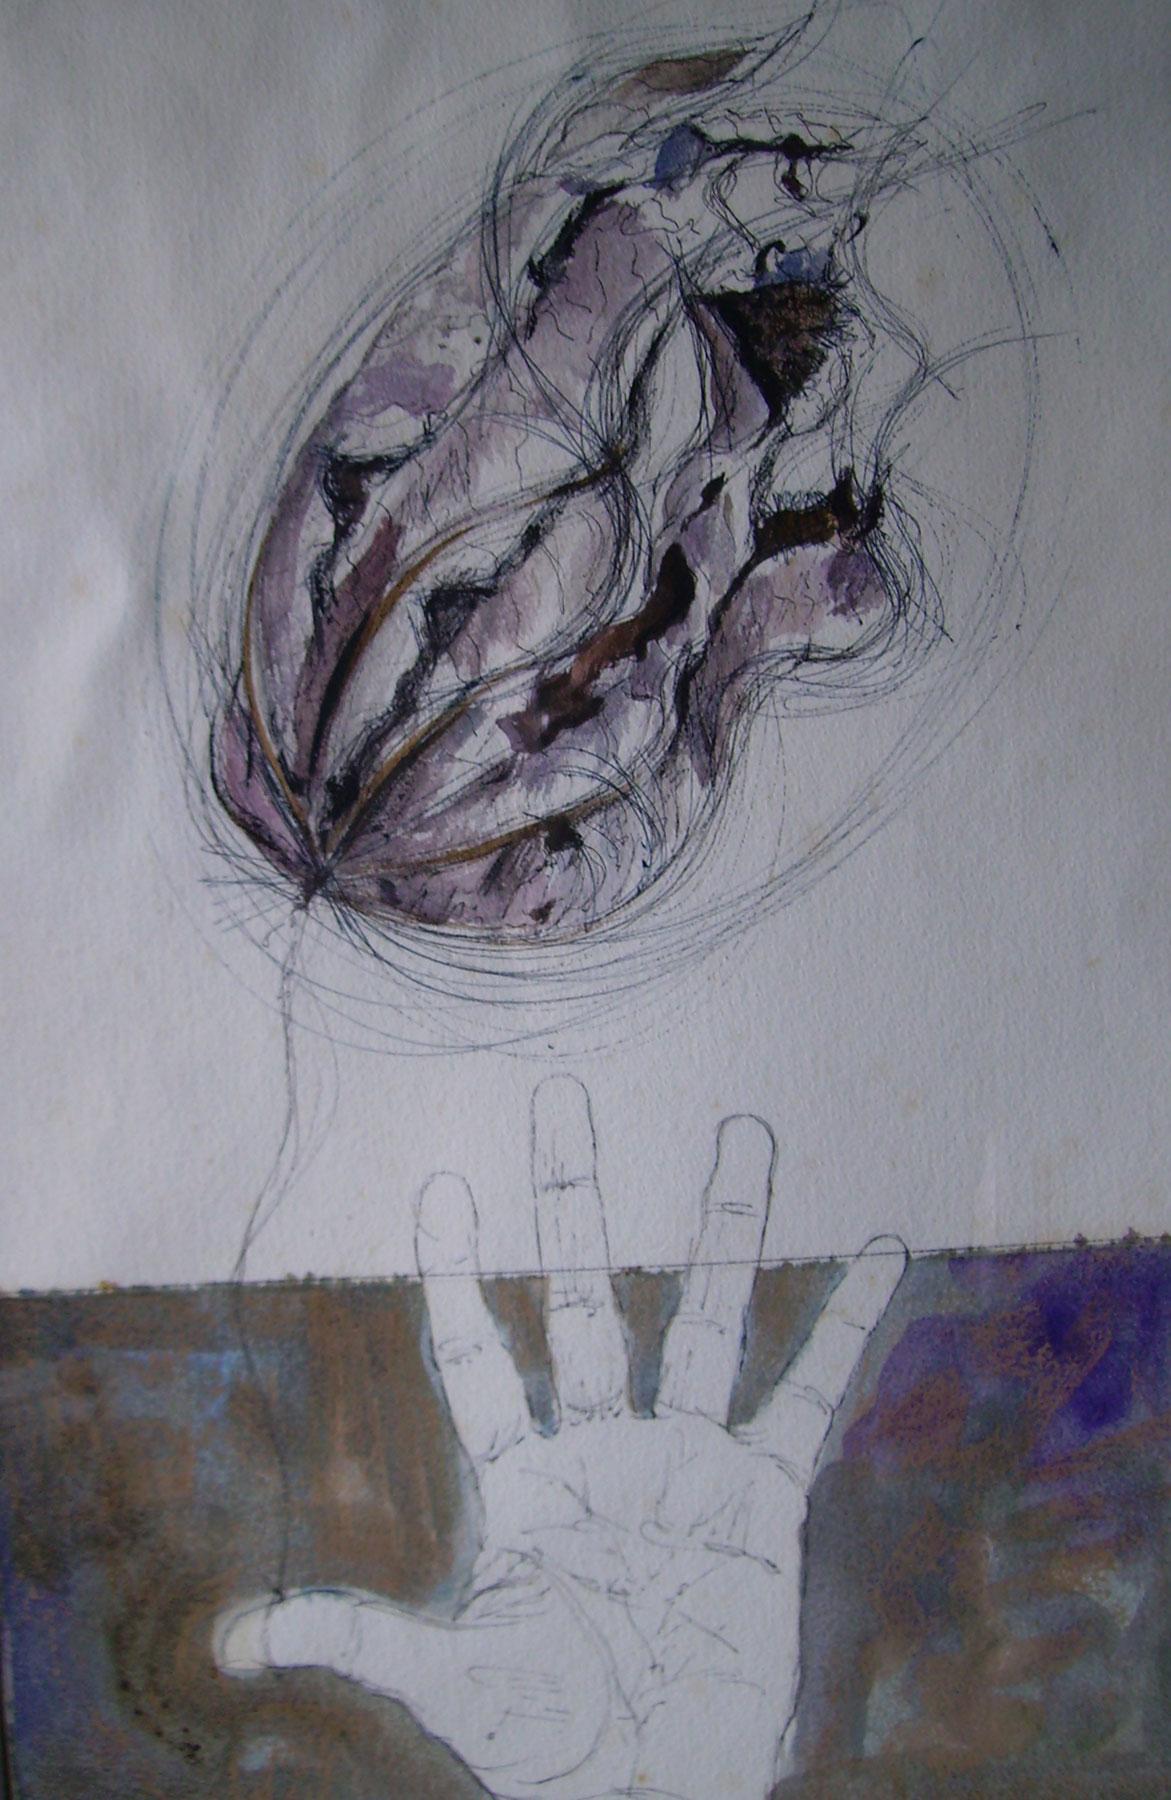 La mano y la hoja